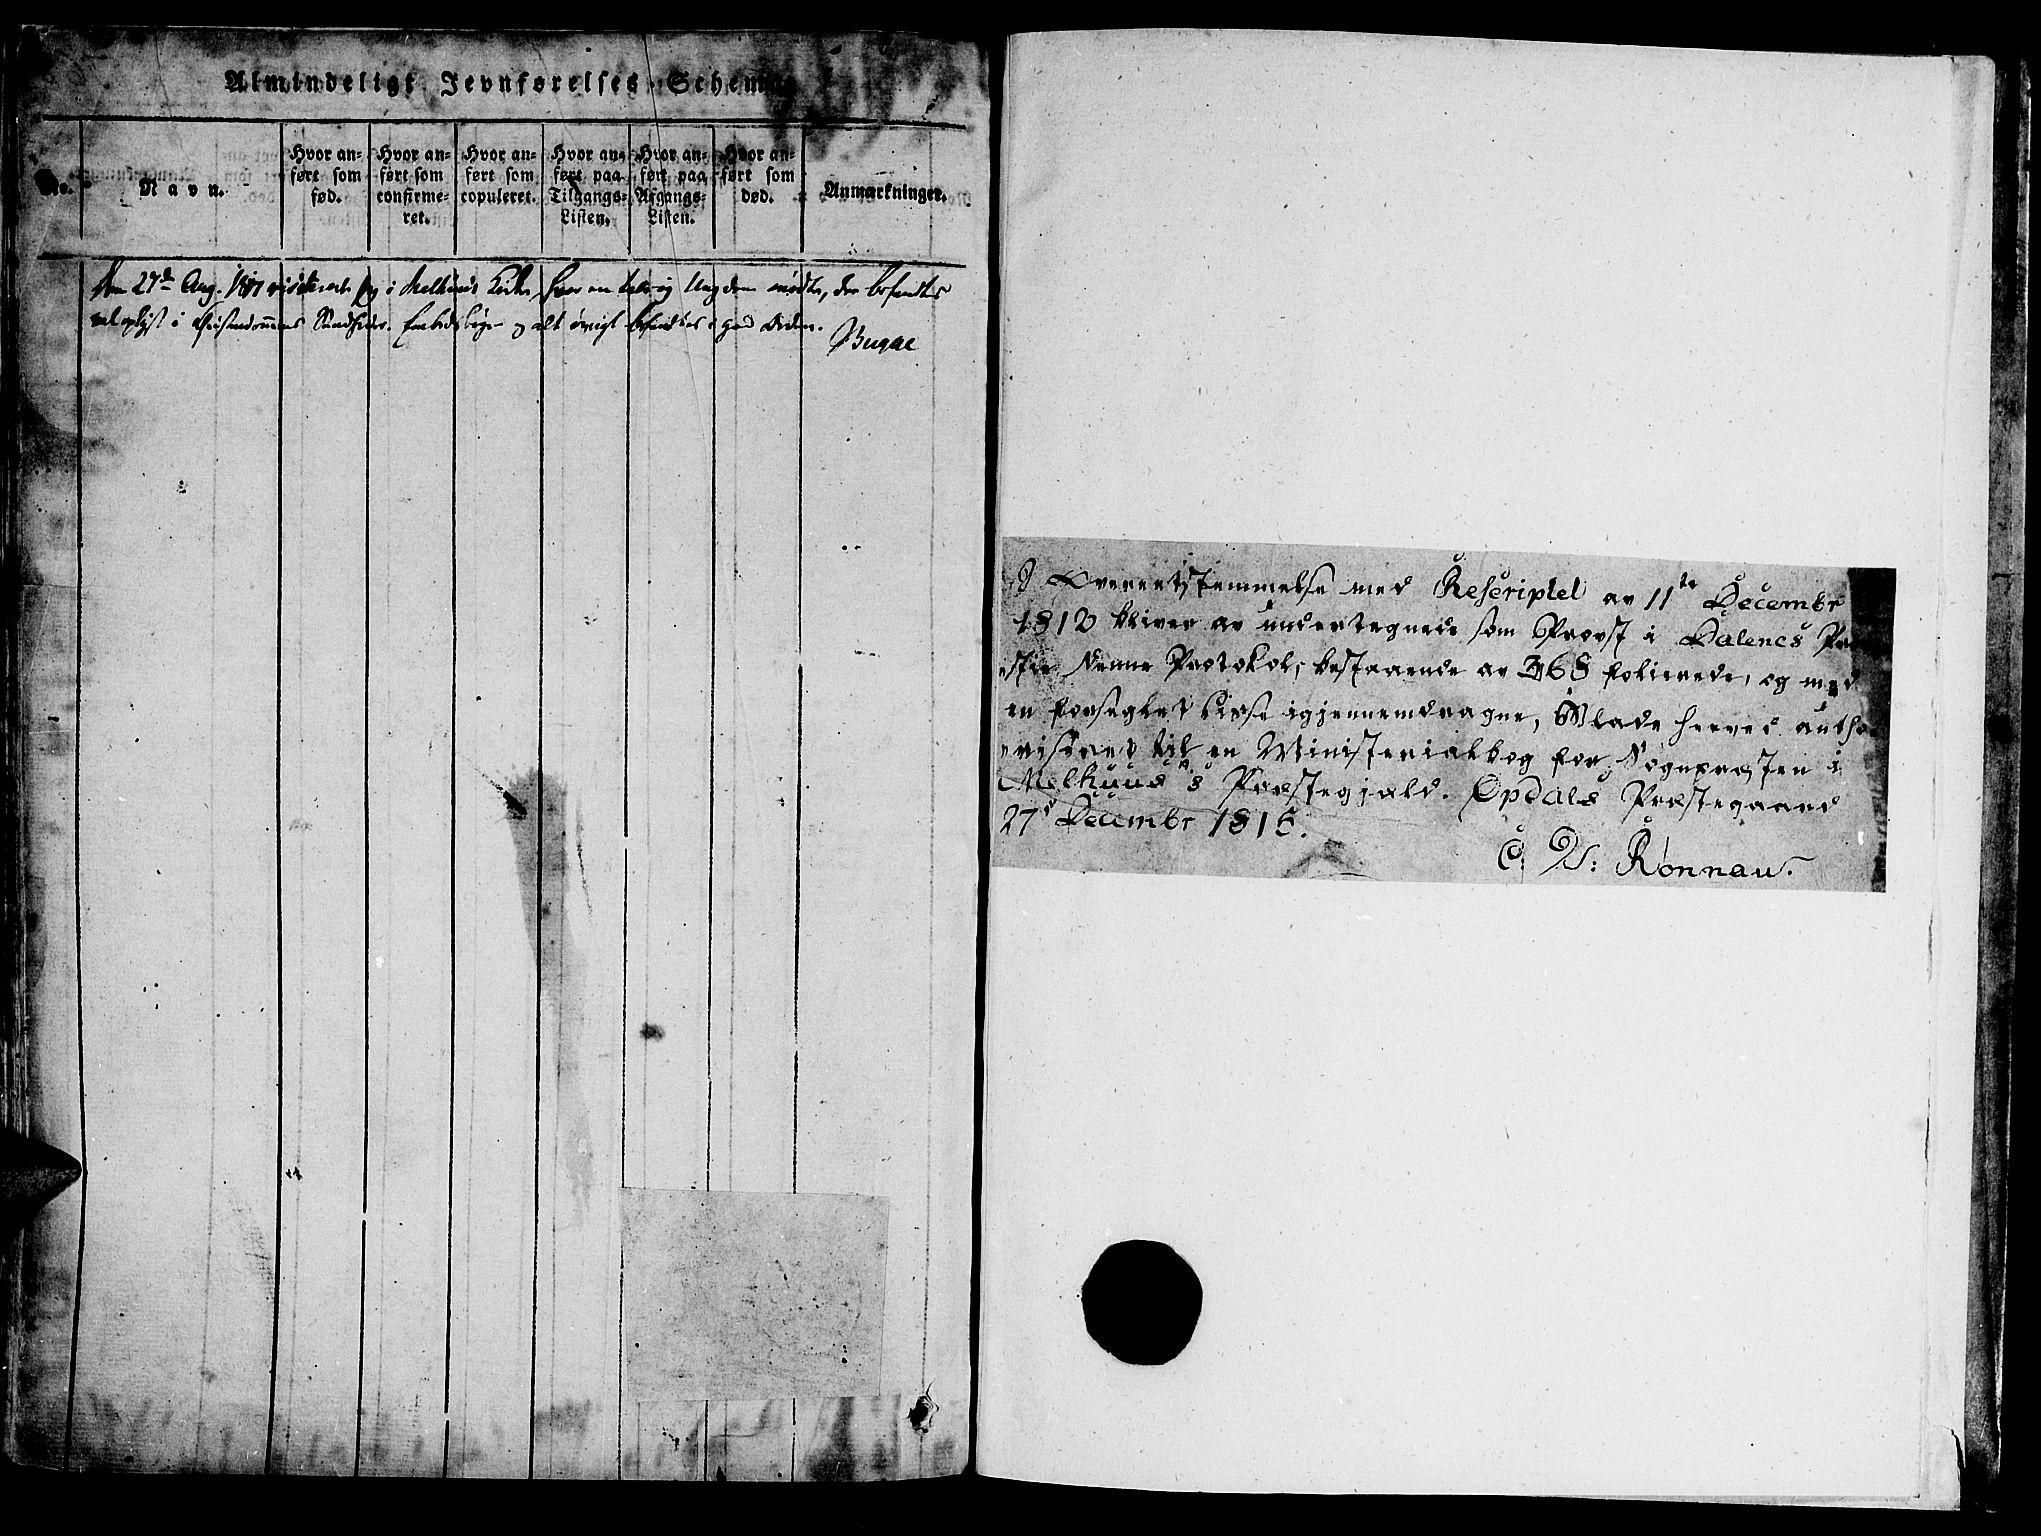 SAT, Ministerialprotokoller, klokkerbøker og fødselsregistre - Sør-Trøndelag, 691/L1065: Ministerialbok nr. 691A03 /1, 1816-1826